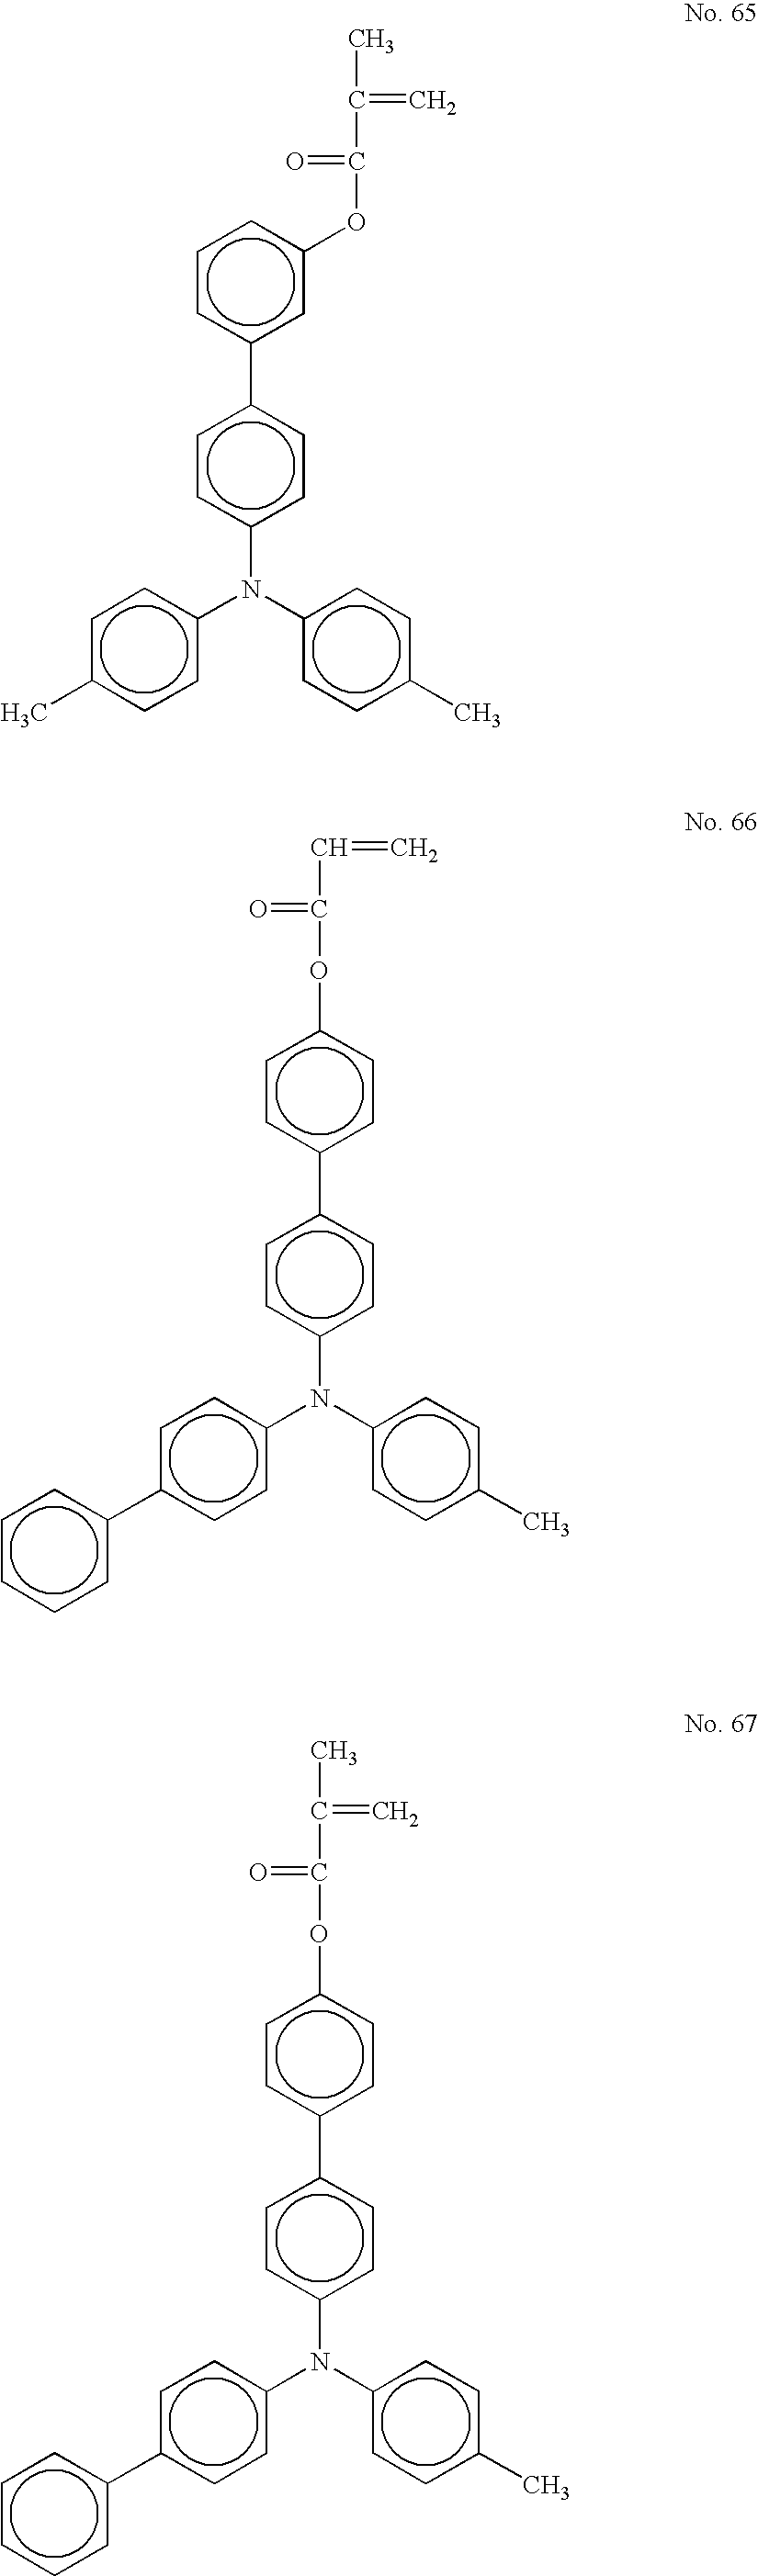 Figure US20050158641A1-20050721-C00035